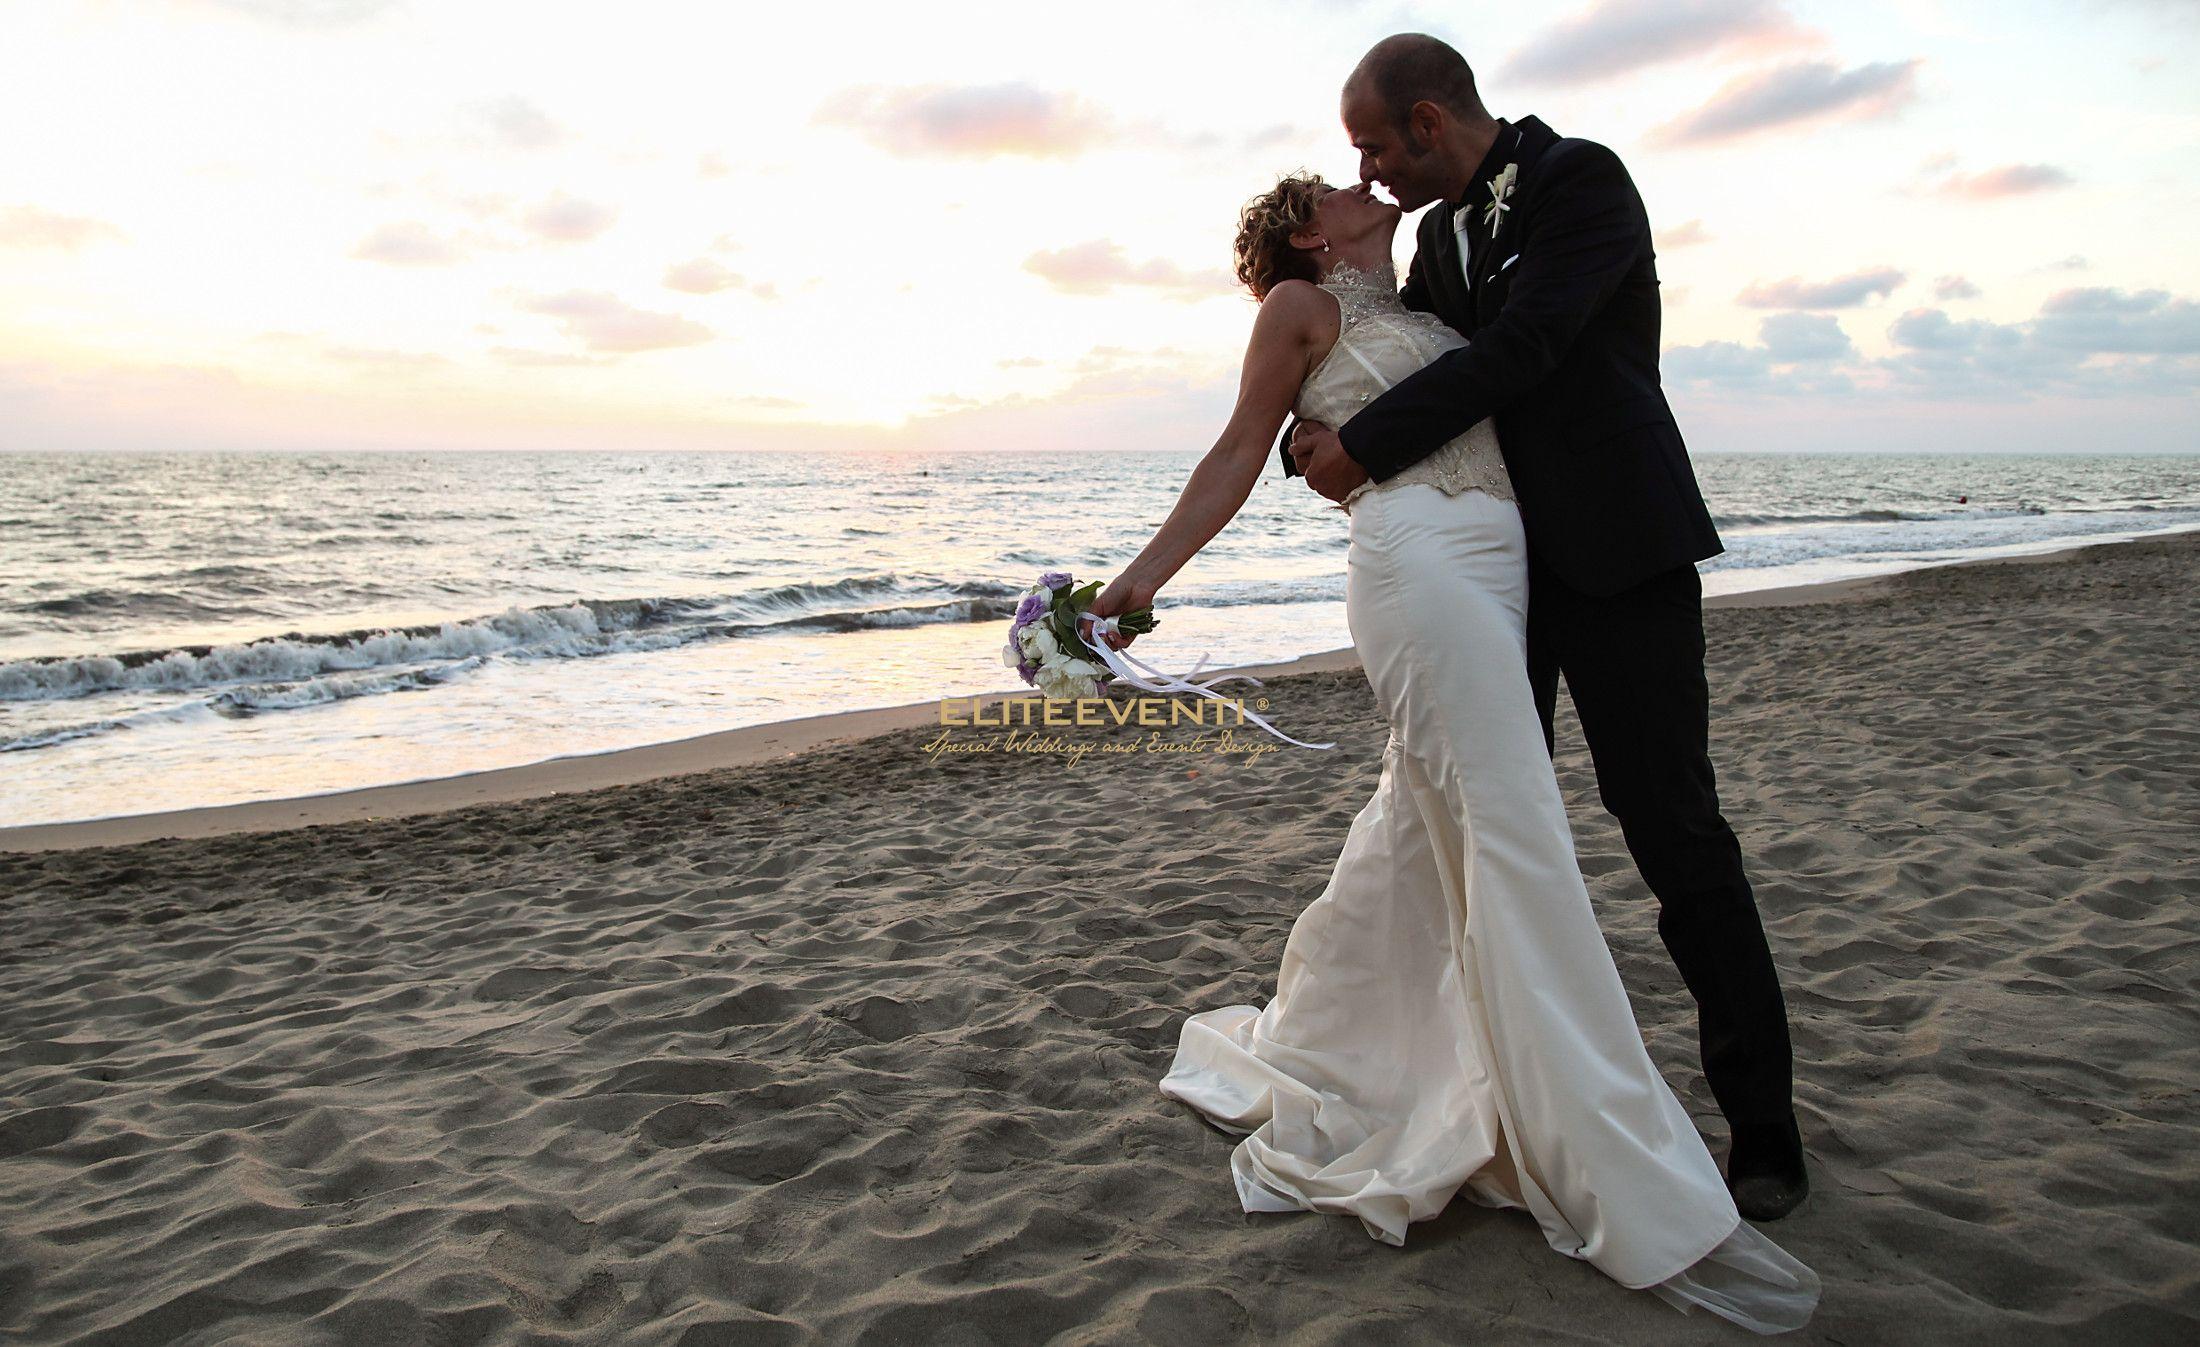 Matrimonio_in_spiaggia_by_eliteeventi